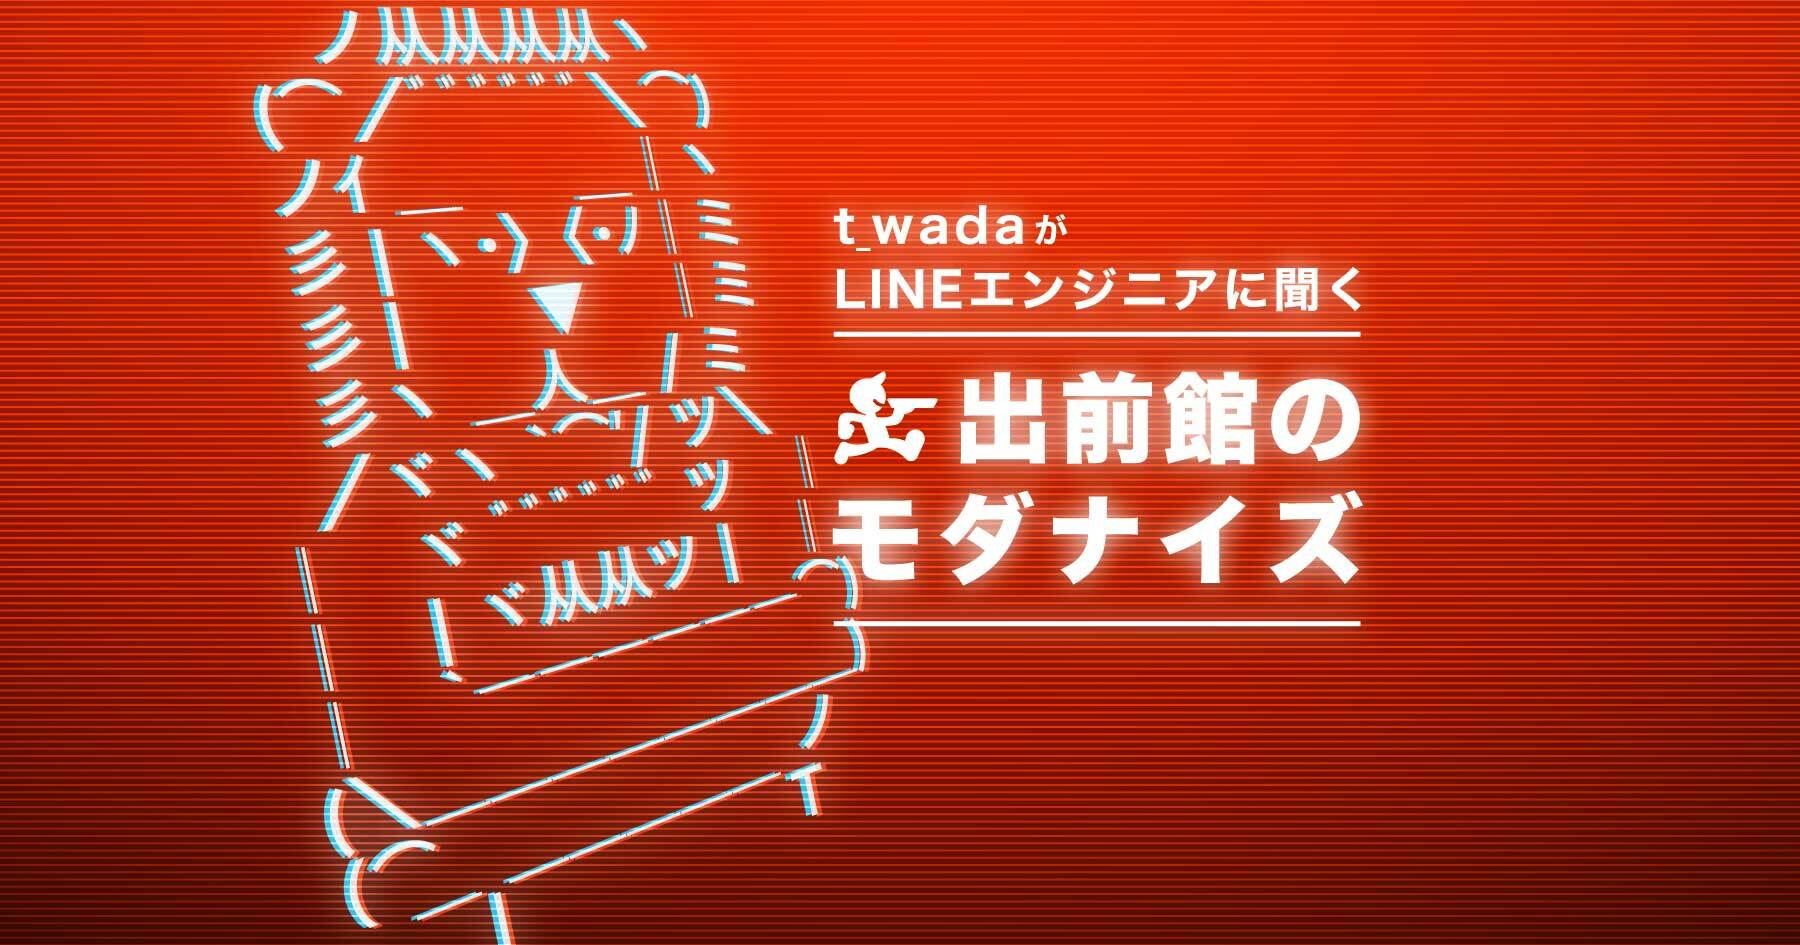 LINEと出前館との業務提携で、システム開発はどう改善していく? 和田卓人さんがプロジェクトメンバーに聞いた